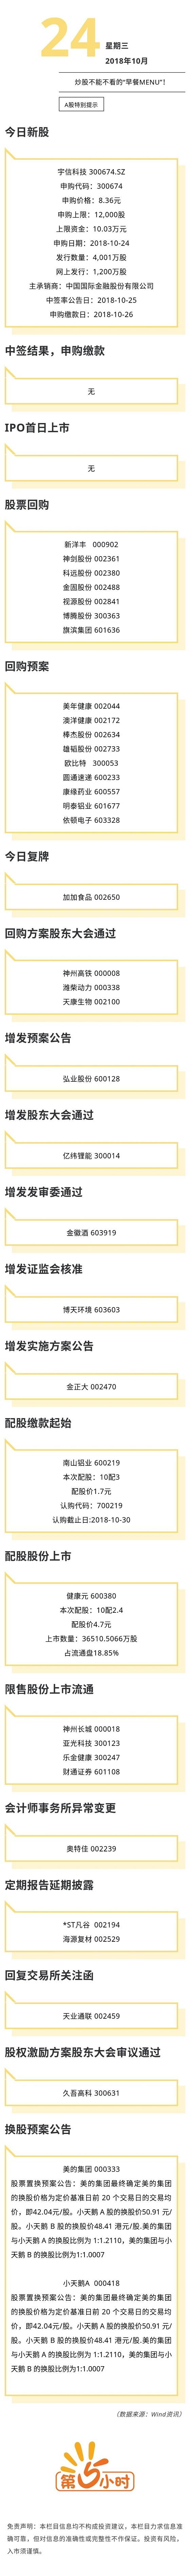 A股特别提示(2018-10-24).jpg